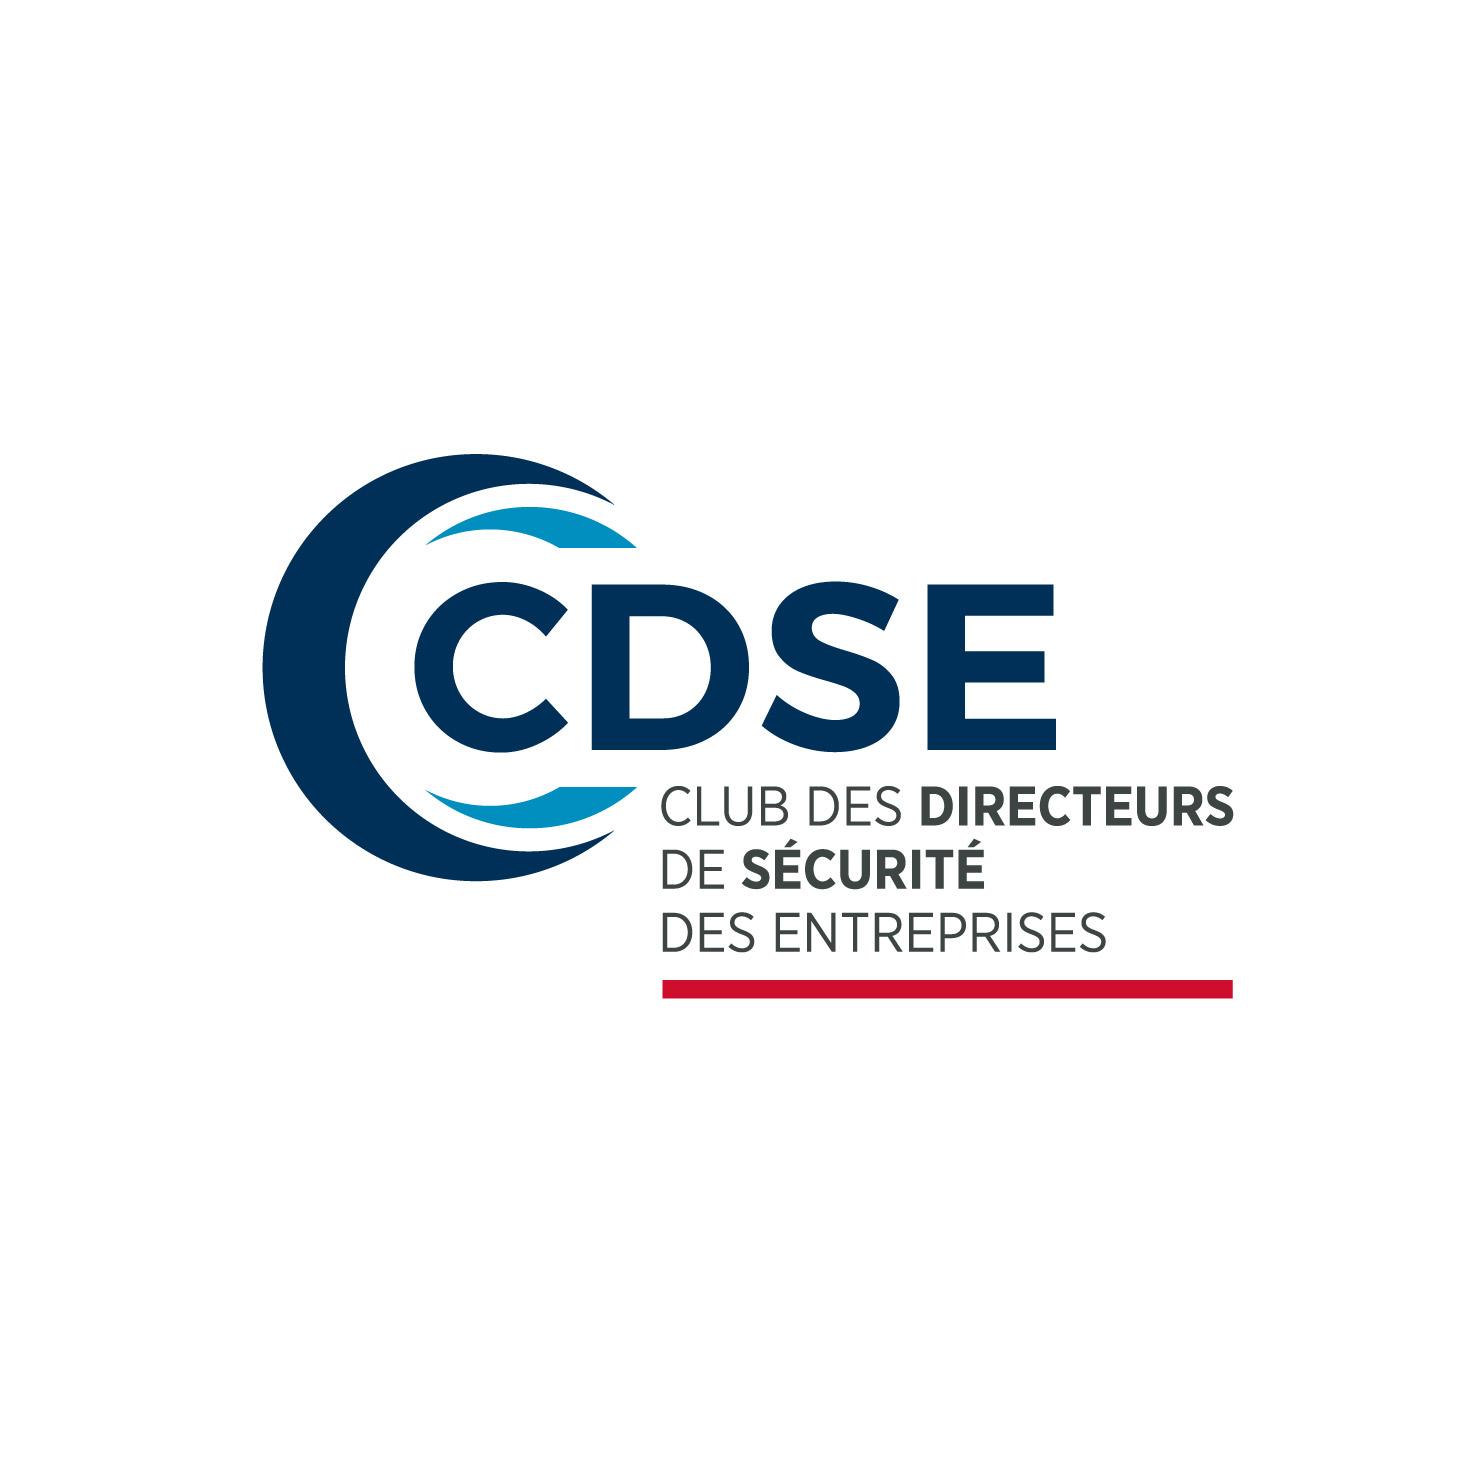 CDSE - Club des Directeurs de Sécurité des Entreprises, Partenaire officiel